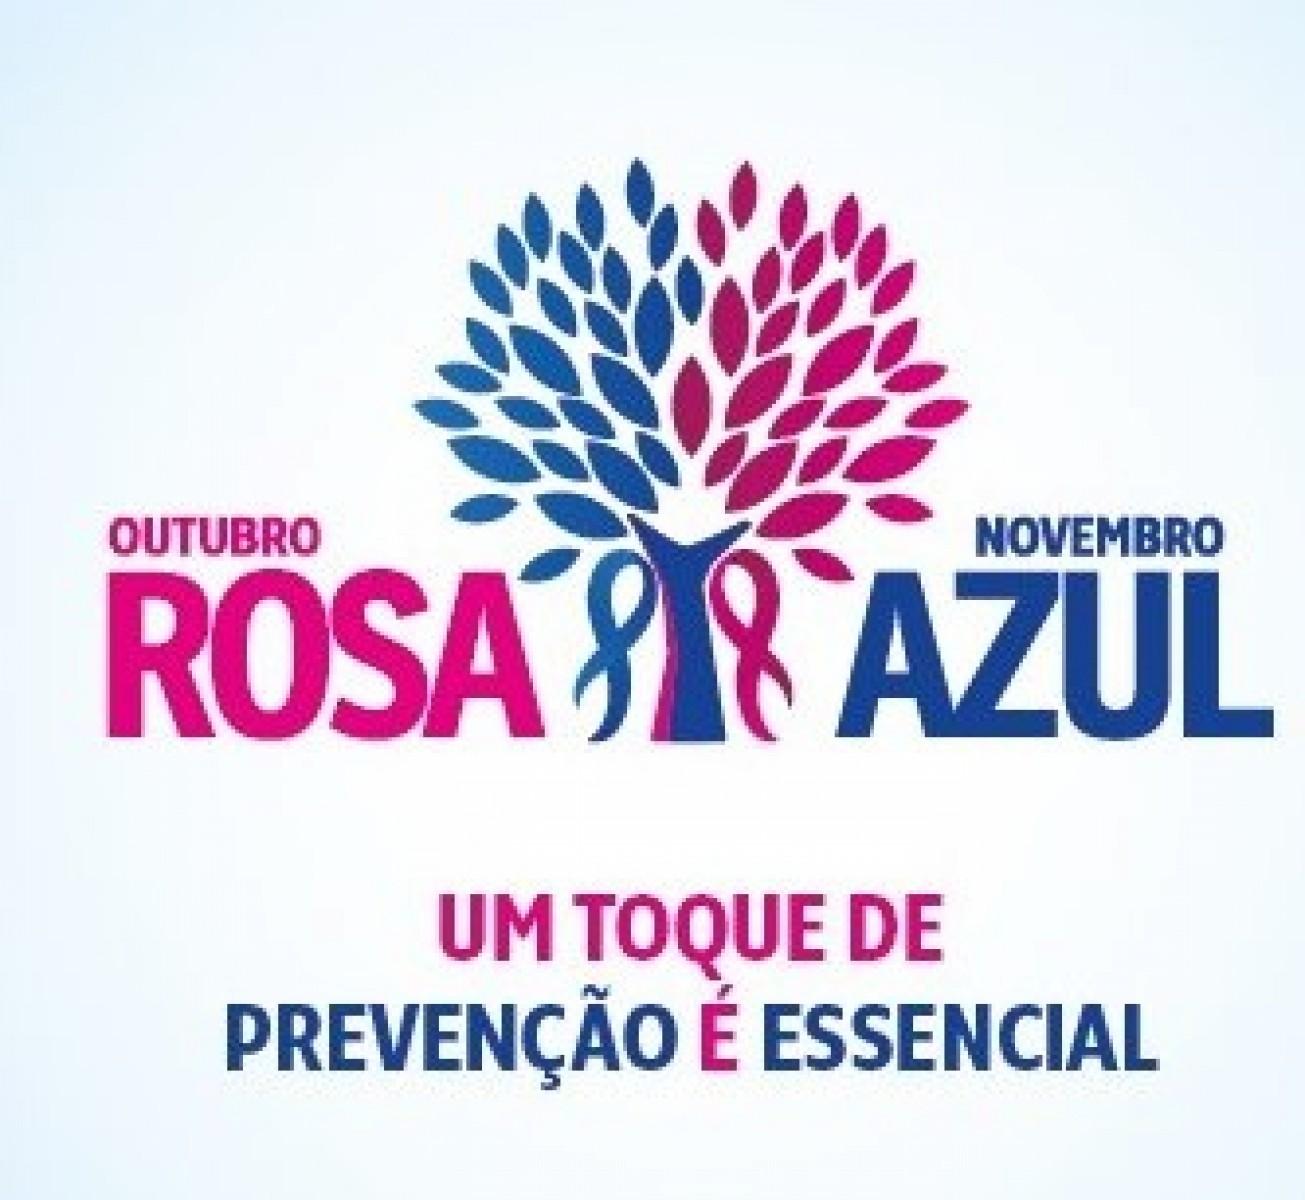 Resultado de imagem para OUTUBRO ROSA & NOVEMBRO AZUL - LOGOS E DESENHOS